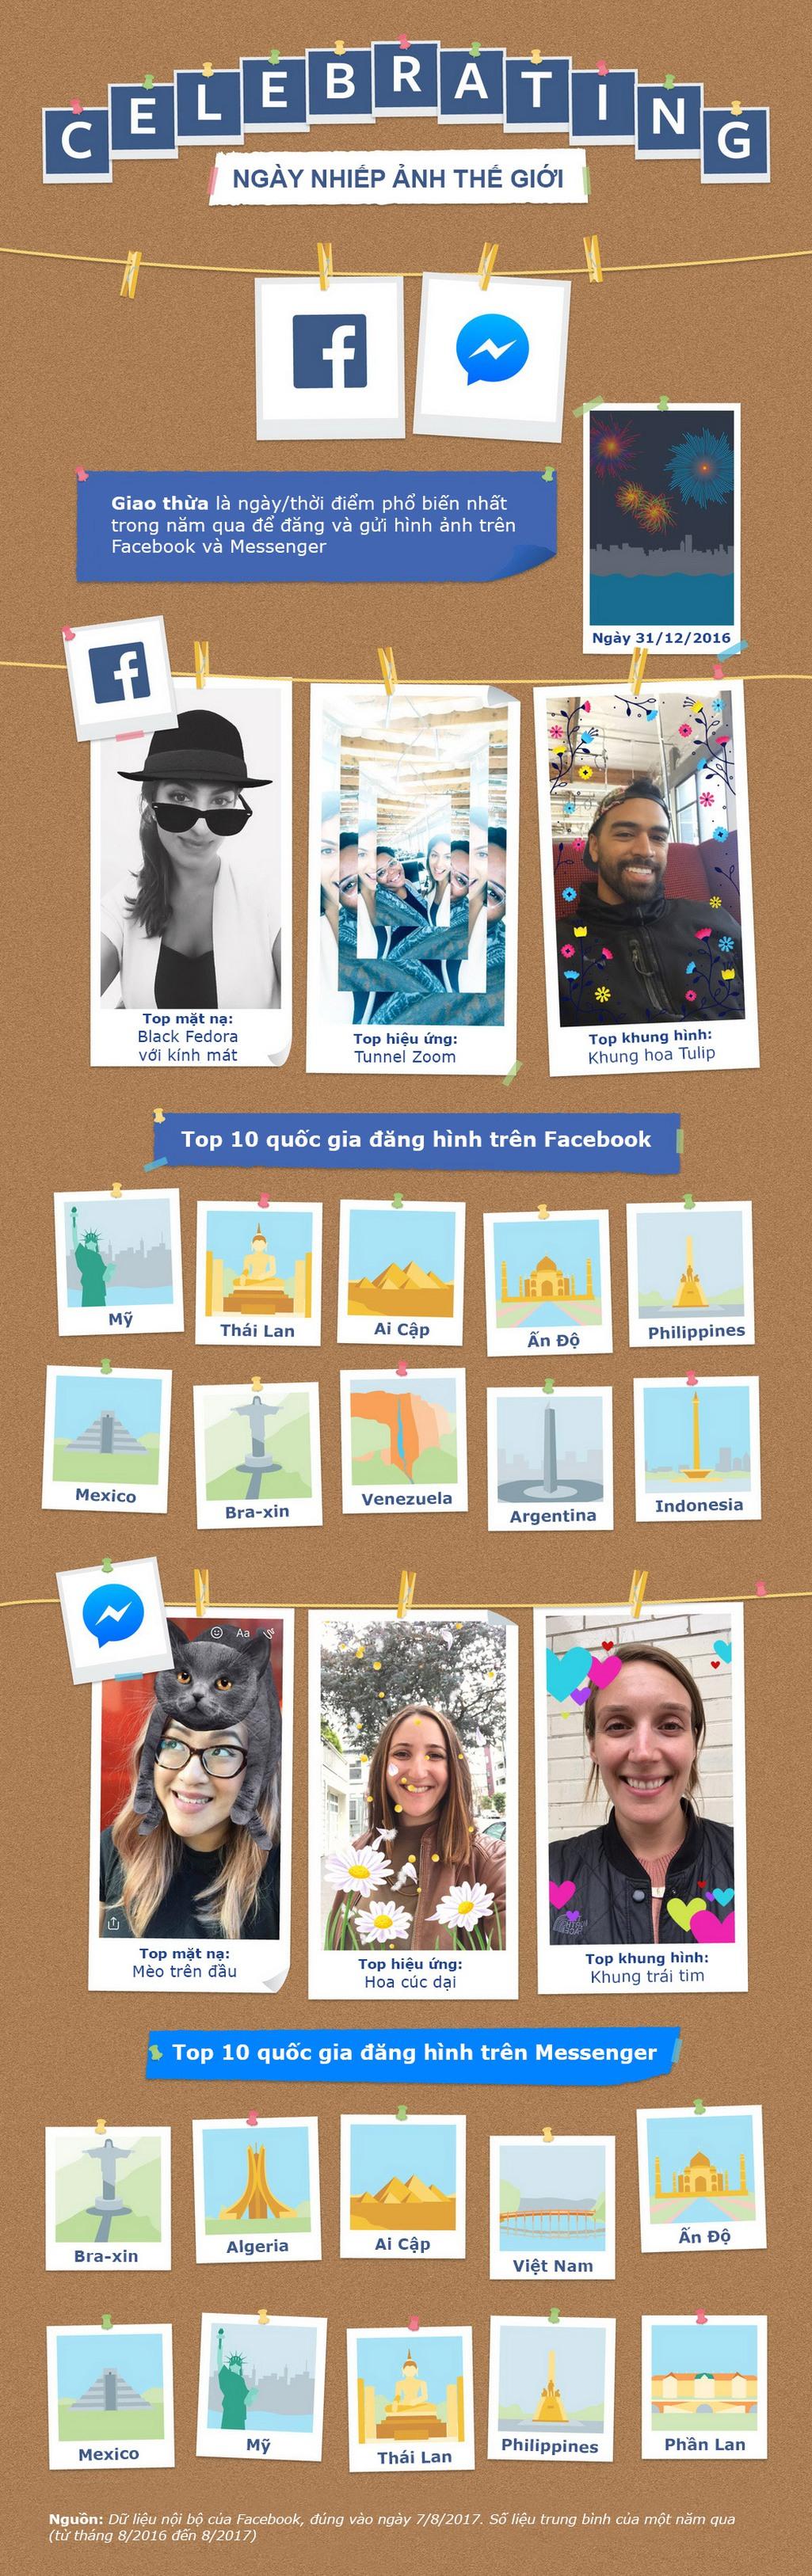 [Infographic] VN nằm top 10 nước đăng hình nhiều nhất trên Facebook Messenger - Ảnh 1.